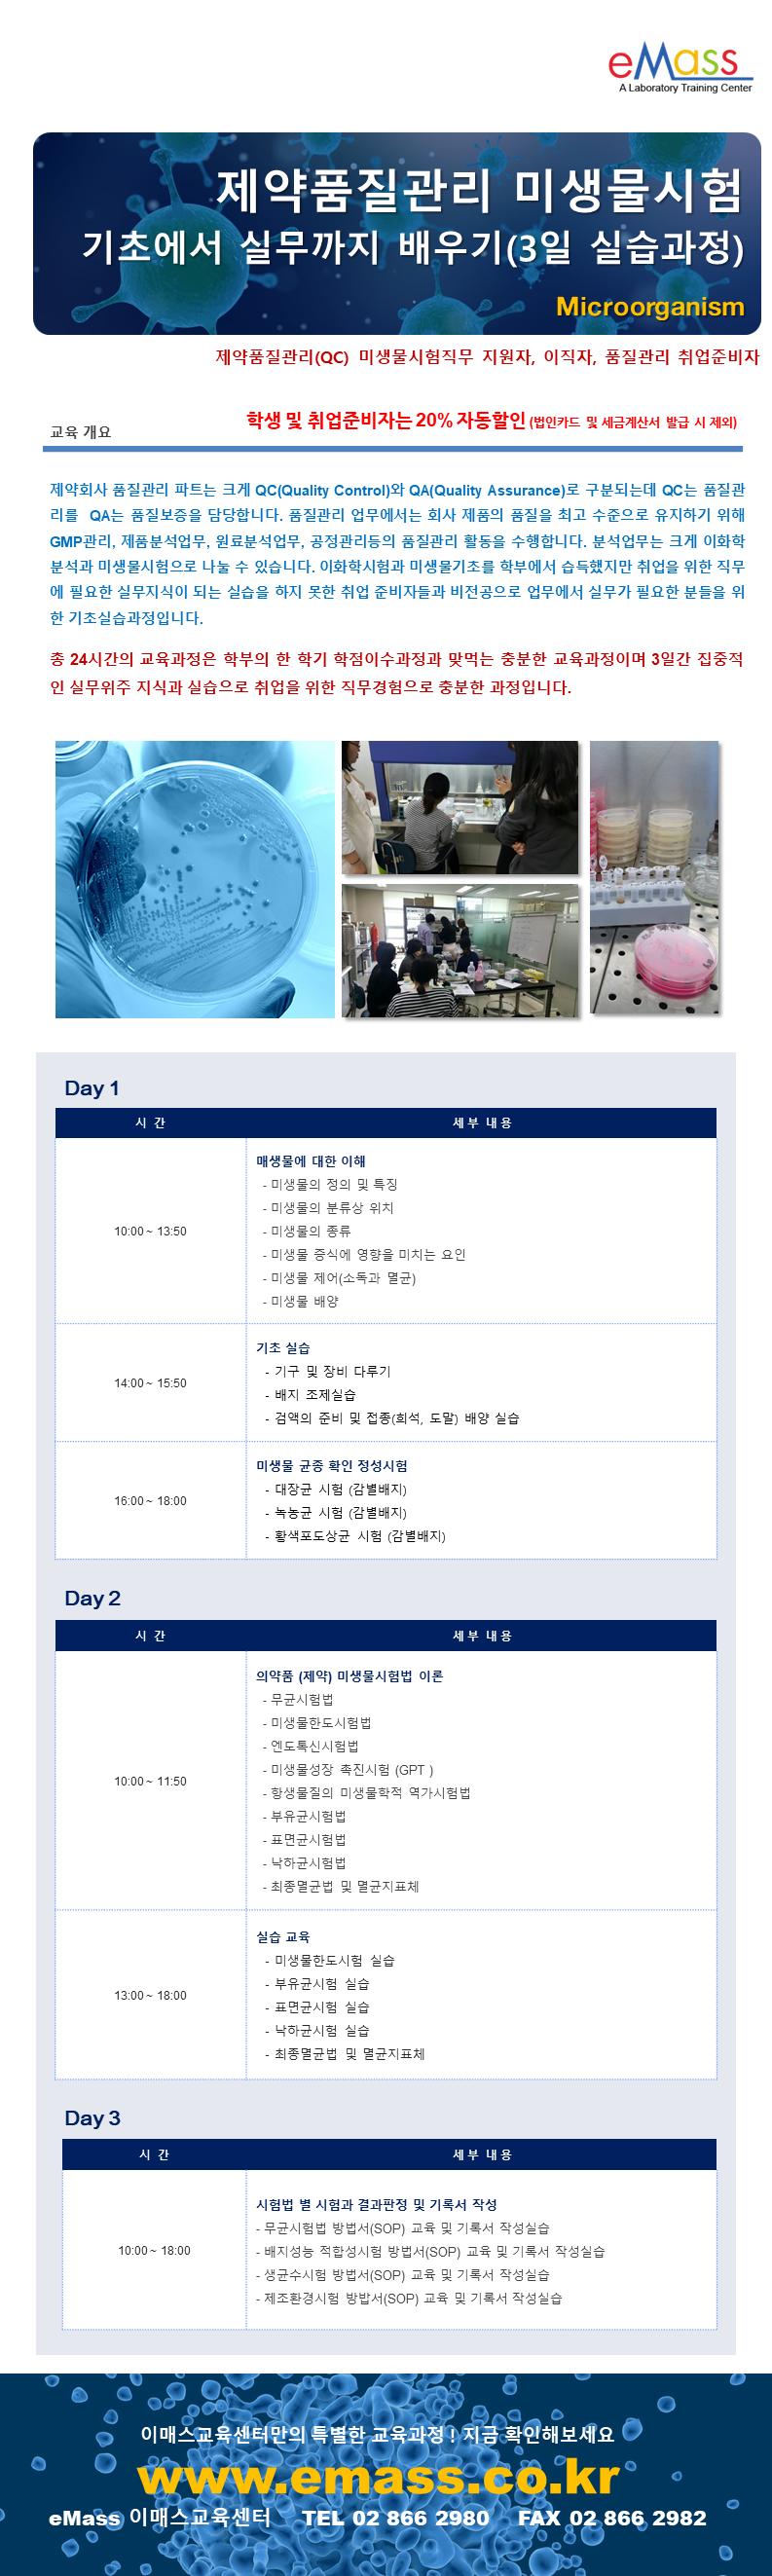 1월 9일~11일_제약품질관리 미생물시험 기초실습.png